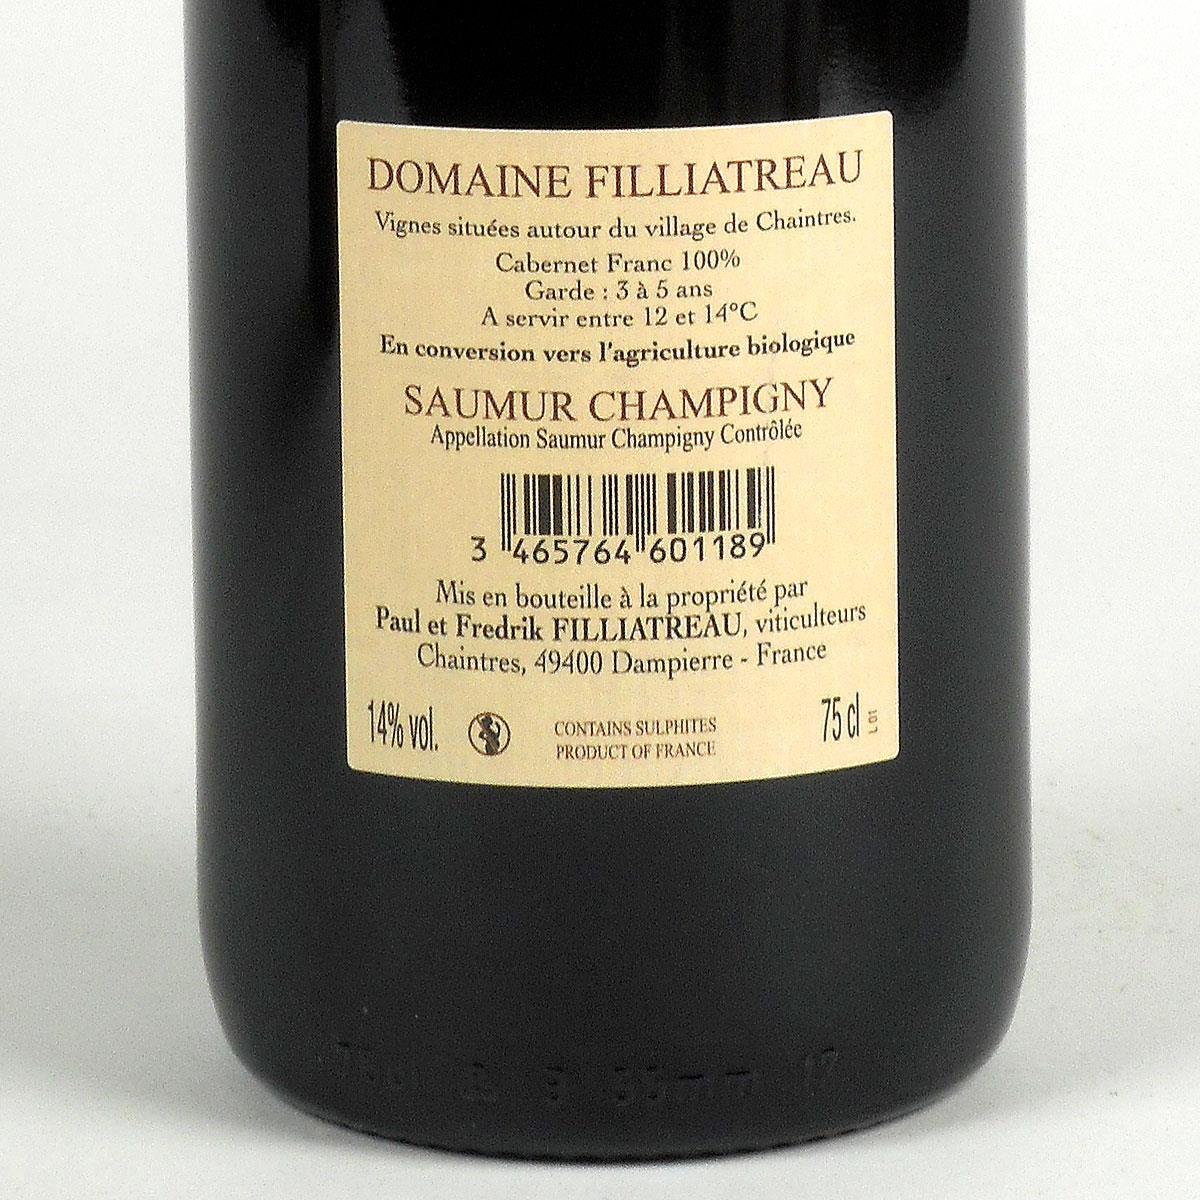 Saumur Champigny: Domaine Filliatreau 2018 - Bottle Rear Label